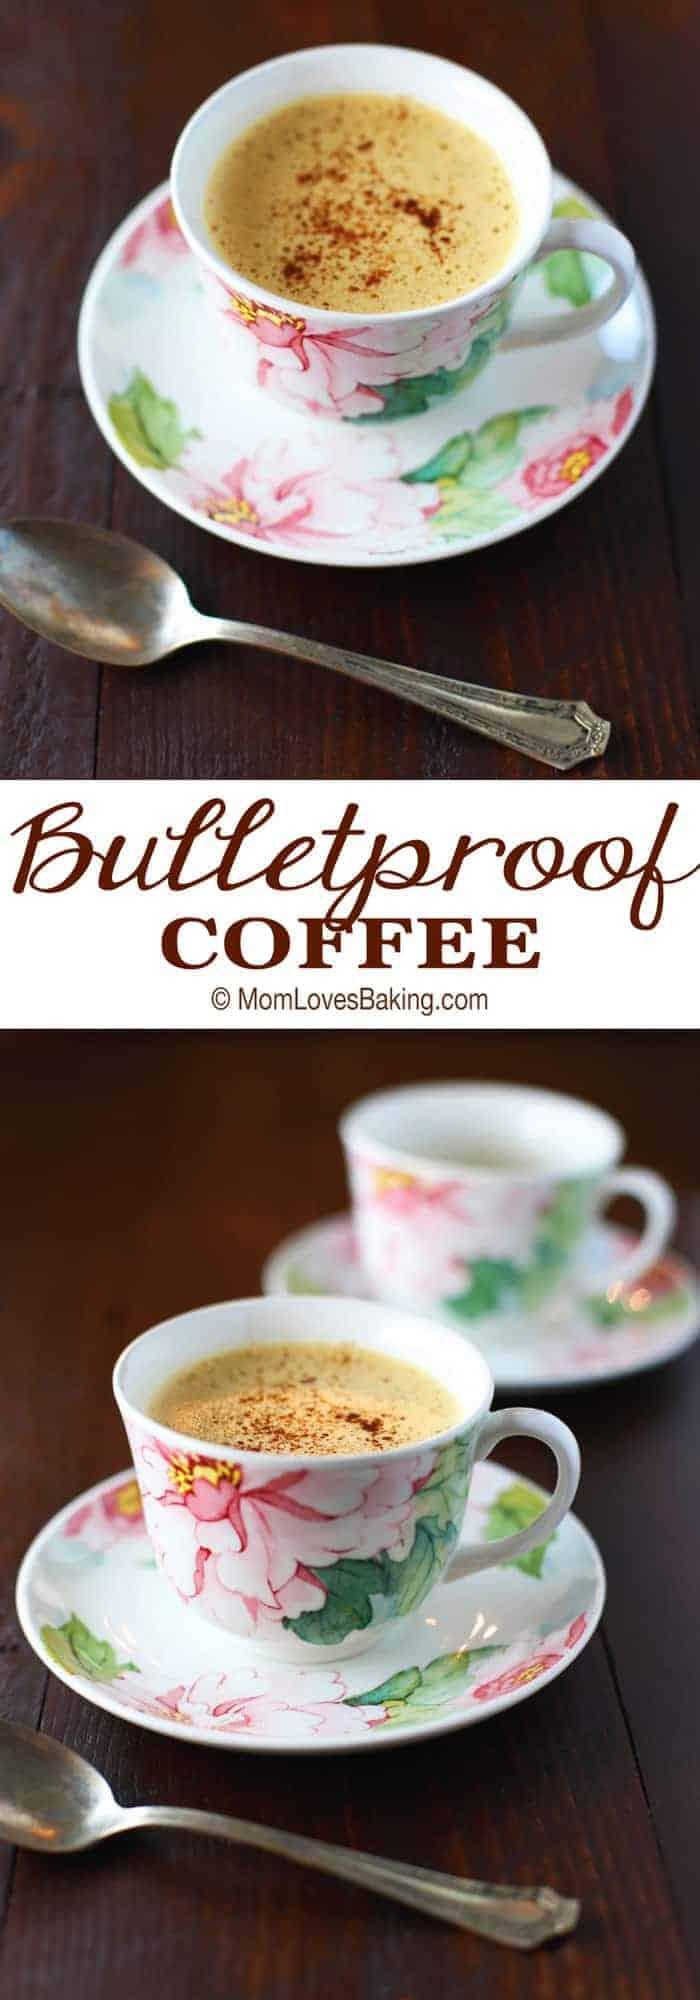 Bulletproof Coffee